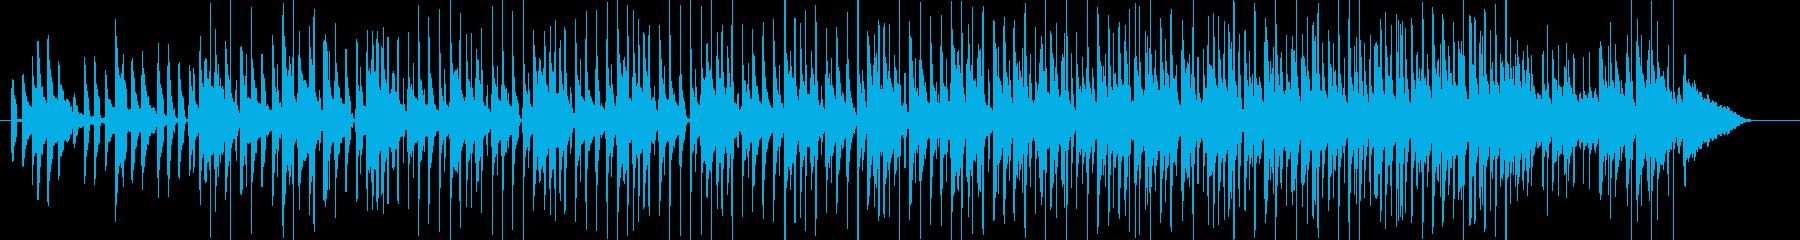 生録ウクレレ☆お洒落でトロピカルなビートの再生済みの波形